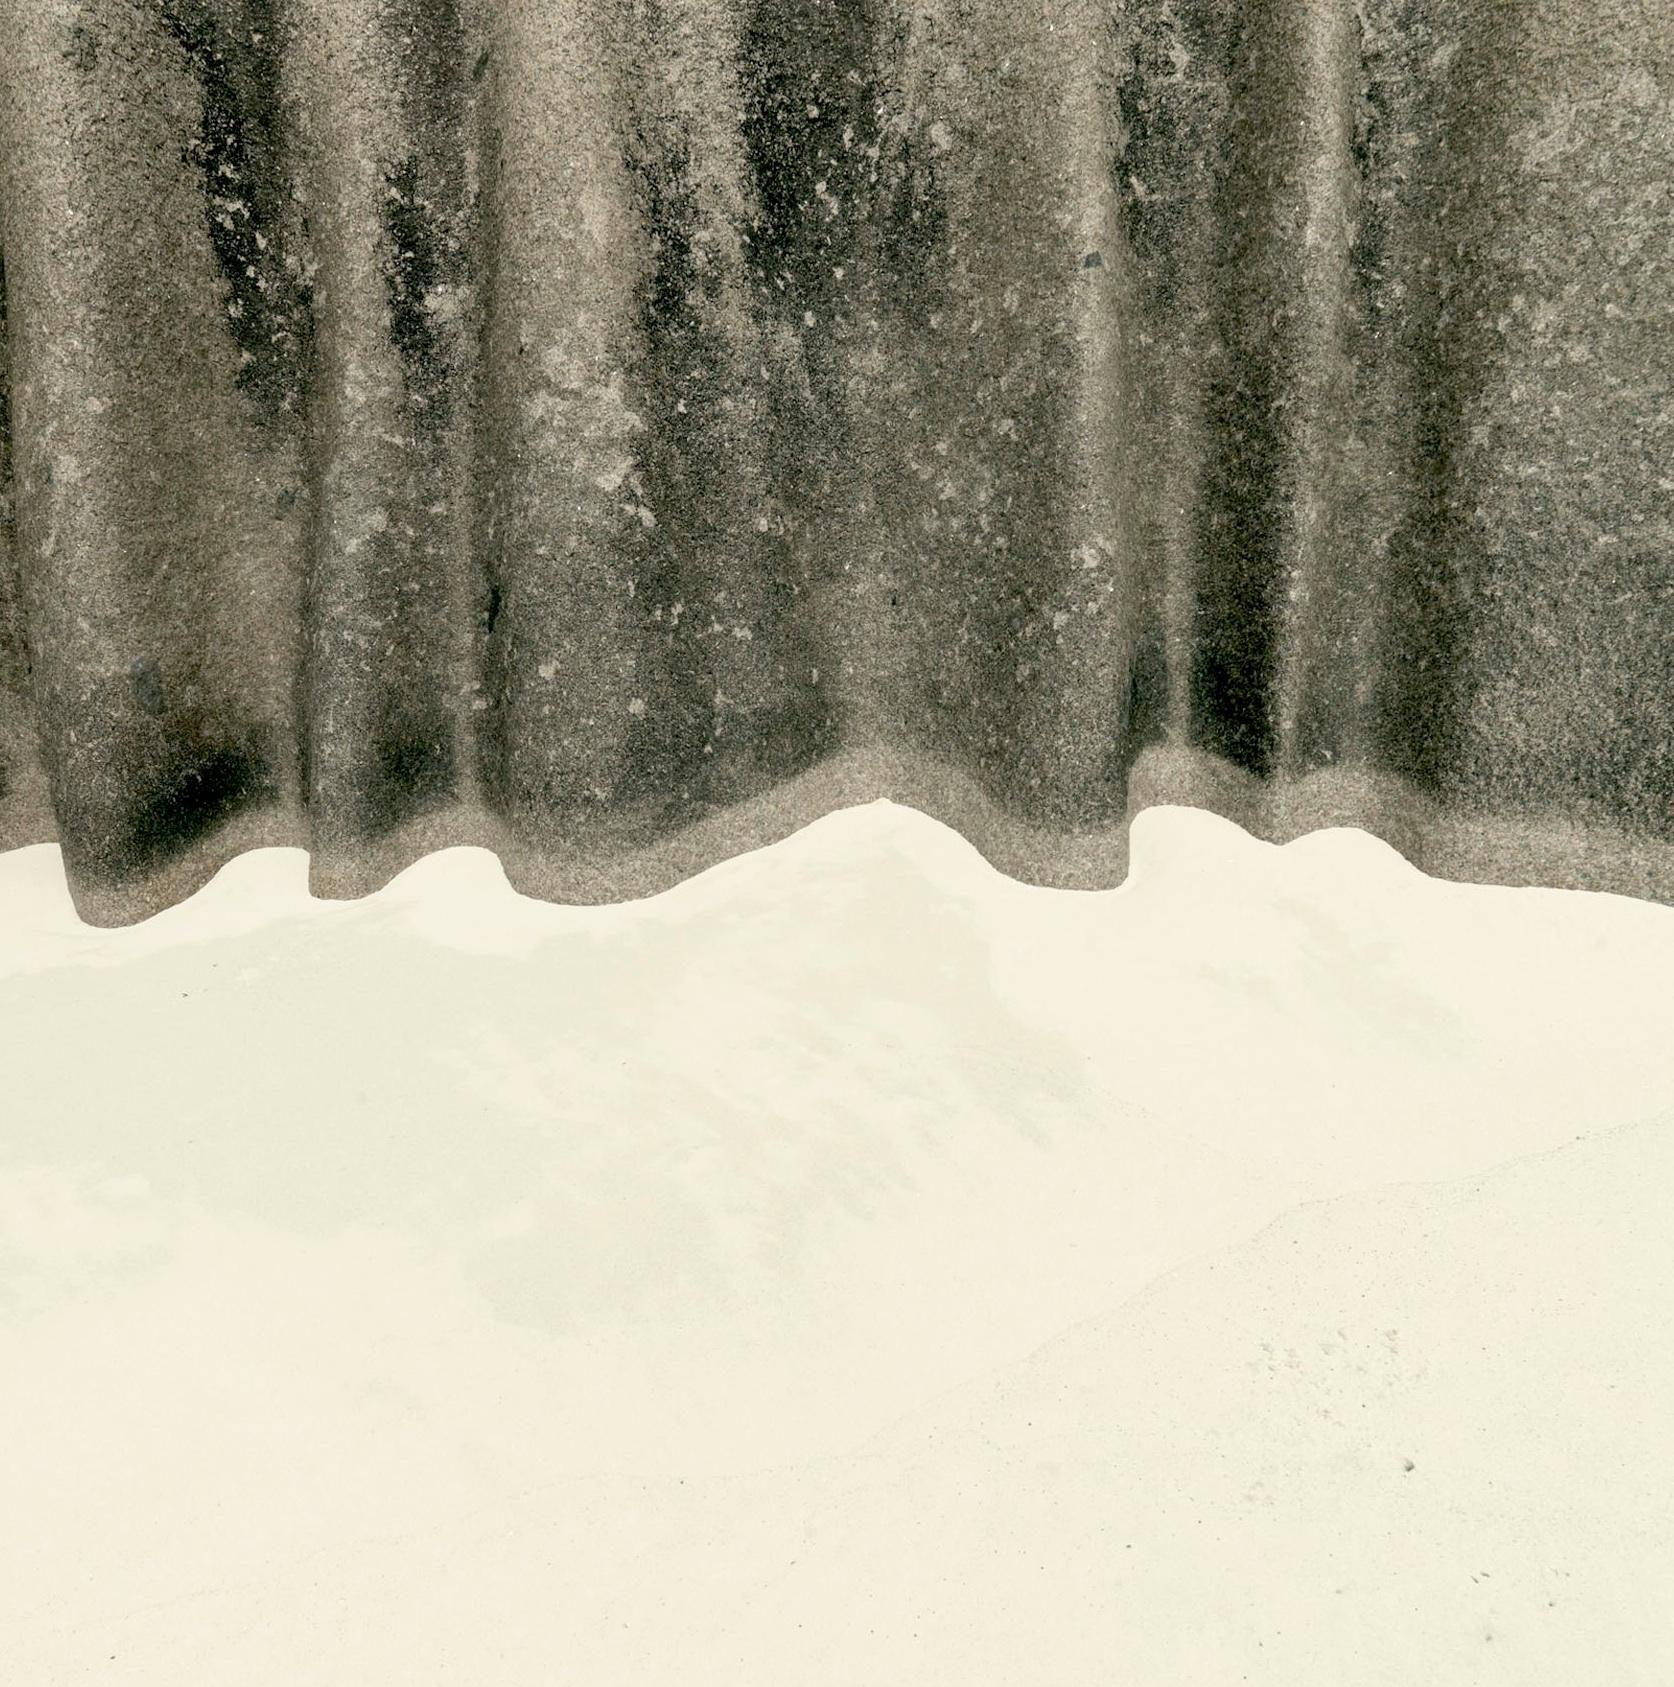 Sans Titre 4  by Christian Chaize   Digital C-Print